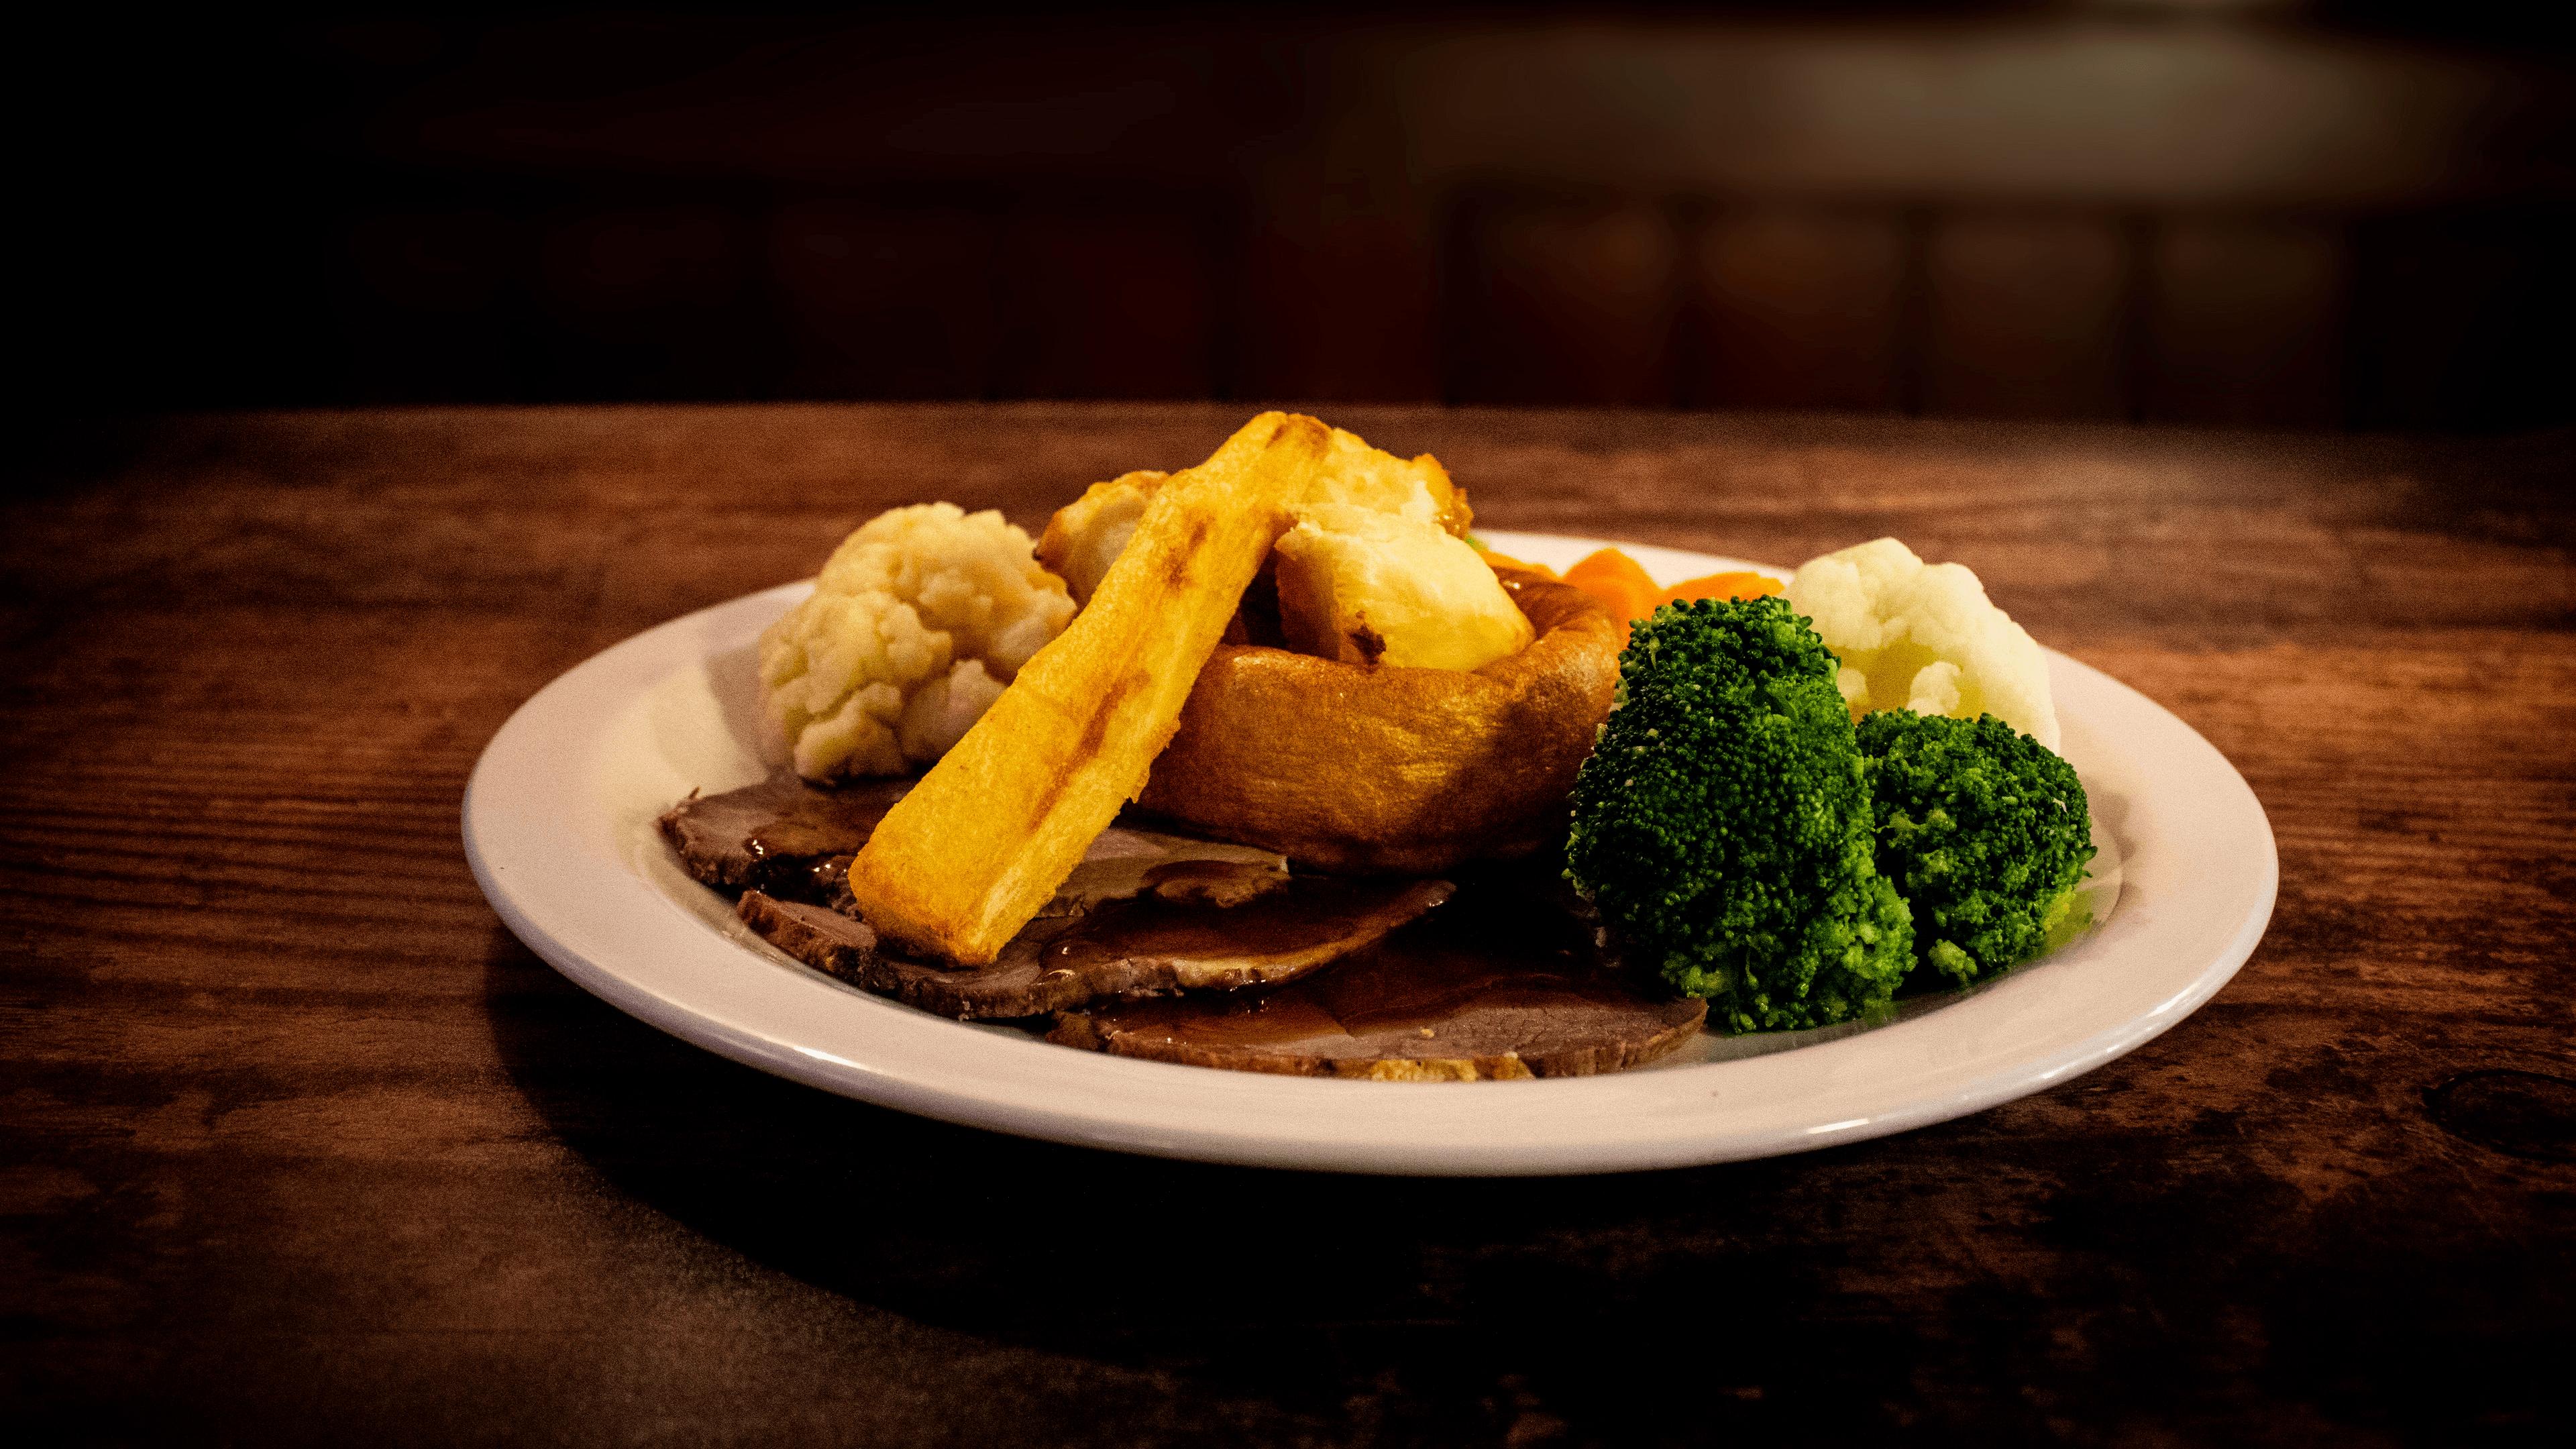 blackhorse-roast-beef-side-view.png